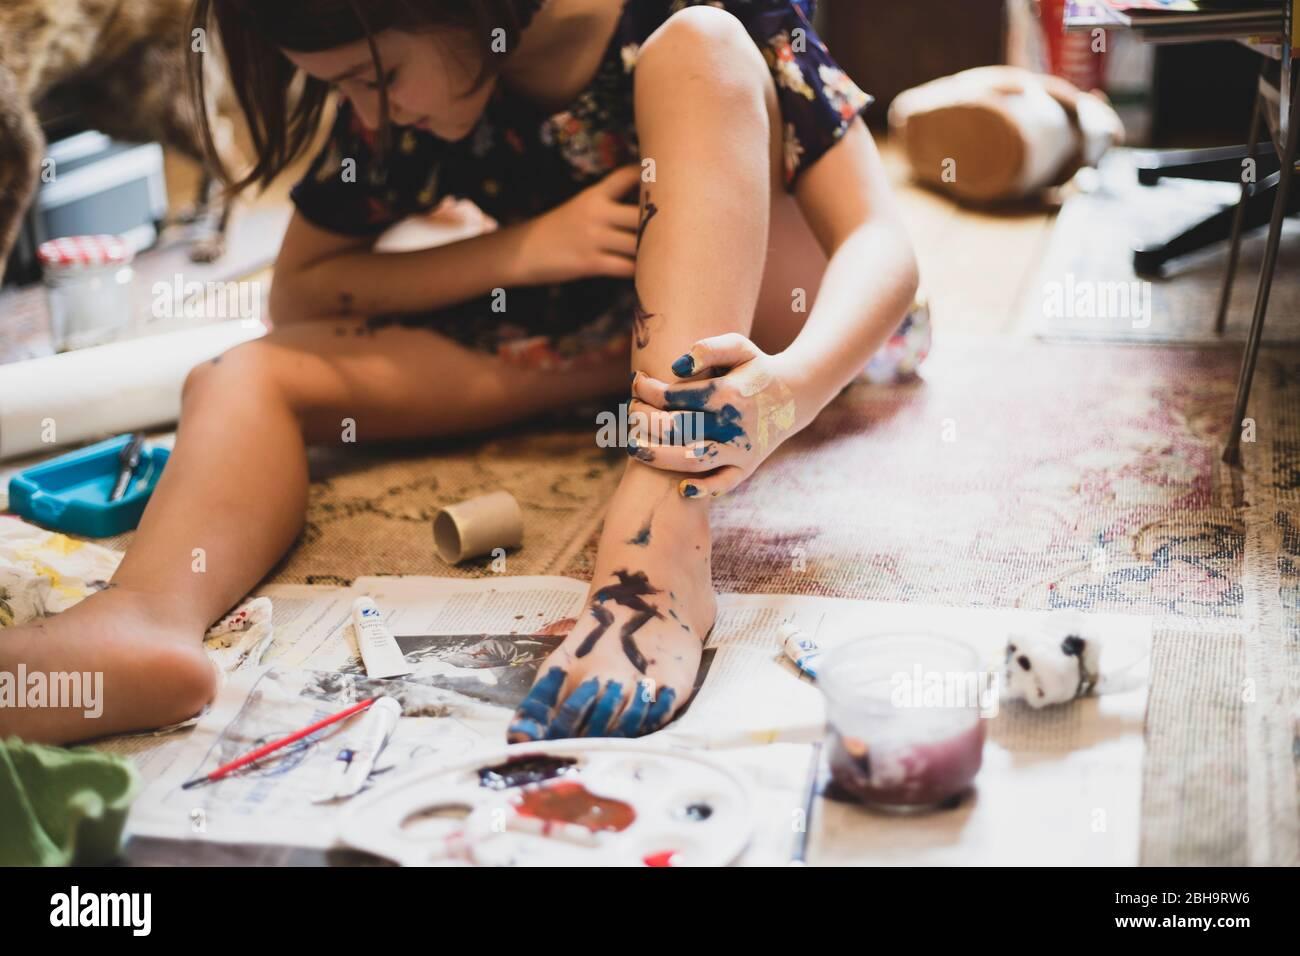 Junges Mädchen zu Hause spielen und malen ihren Fuß und ihre Hand. Stockfoto